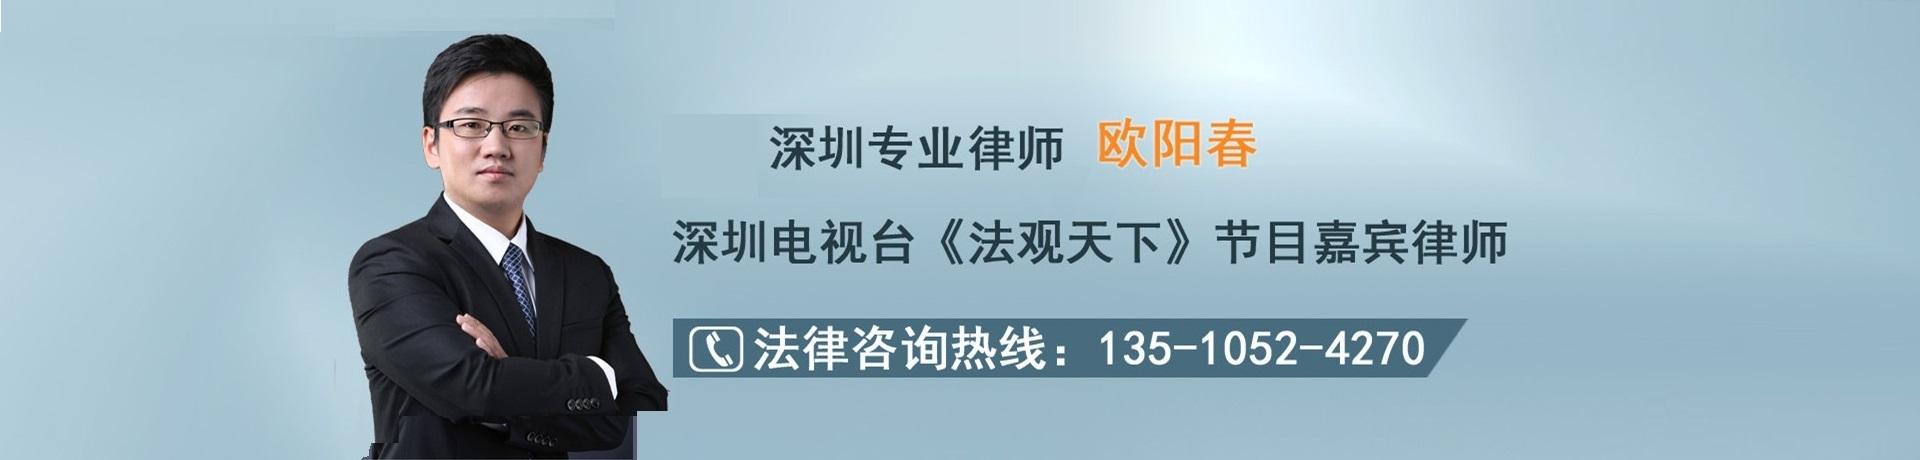 深圳劳动法律师大图二